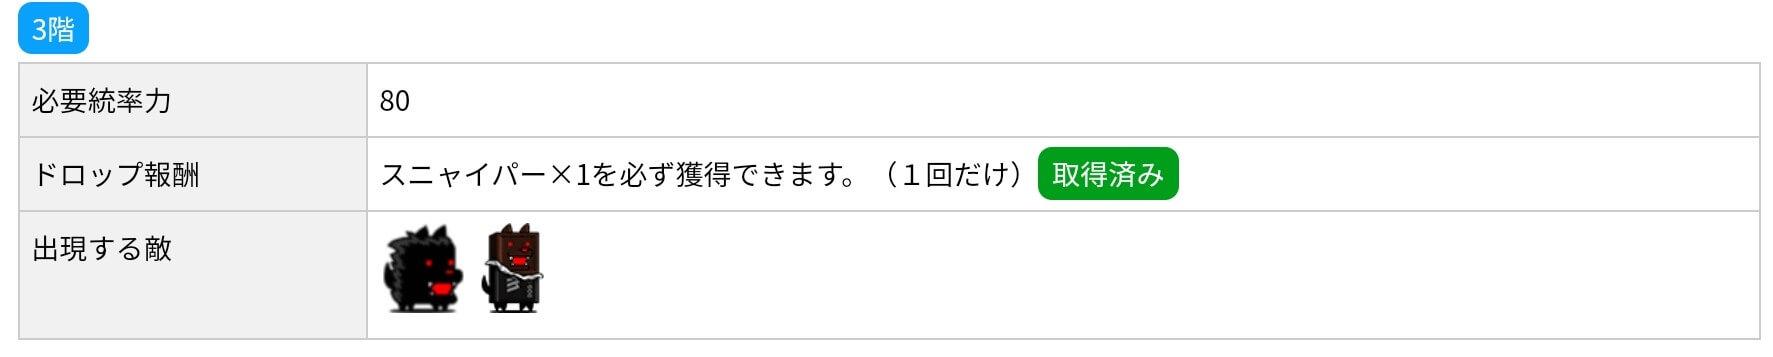 にゃんこ別塔(黒)3階 敵編成